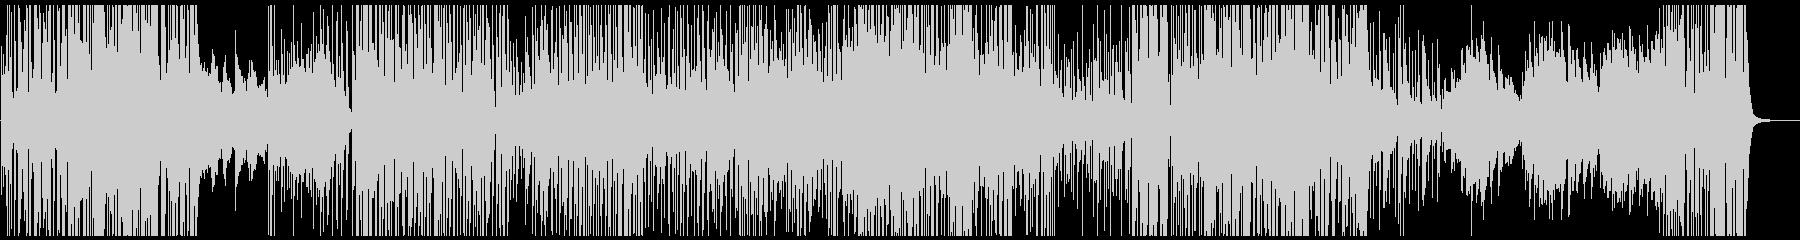 映像BGM 荒ぶるジャズロックピアノの未再生の波形